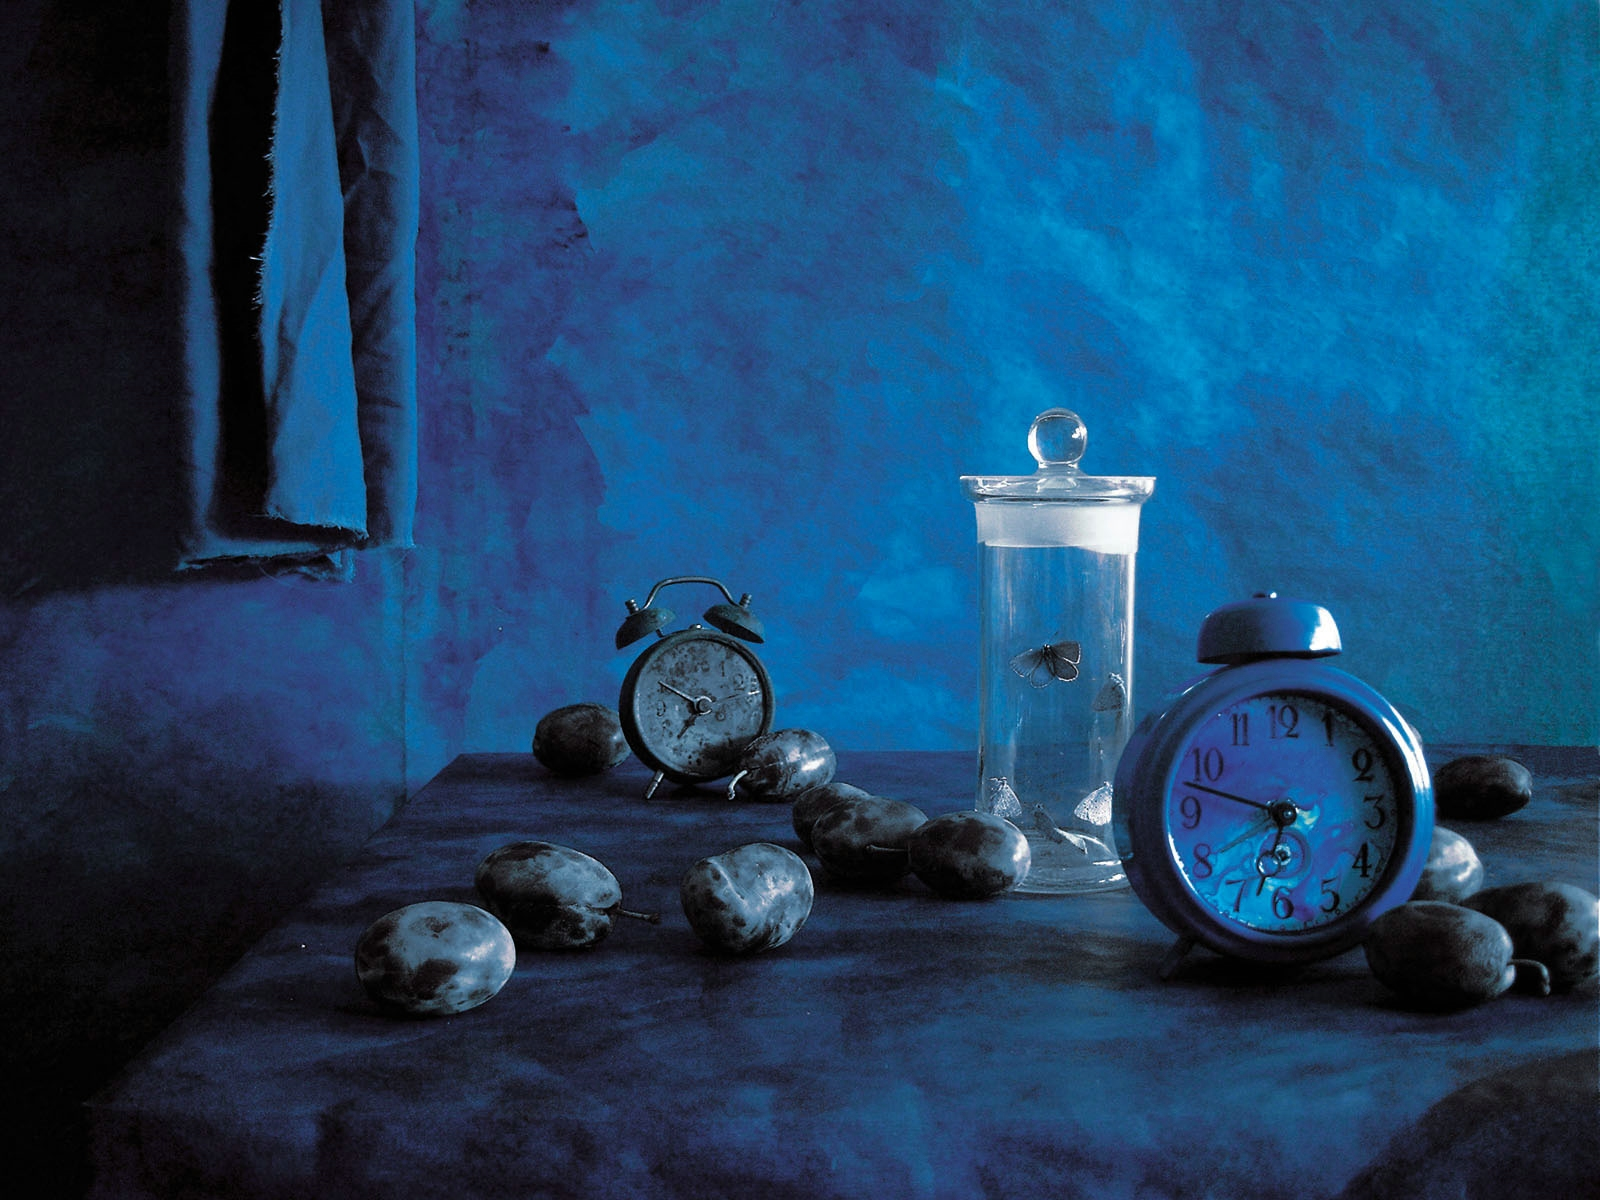 http://2.bp.blogspot.com/-EOpflKOzeGw/T_5U_-pgiUI/AAAAAAAAAVs/61oH5hfn9BA/s1600/Blue+Wallpaper-3.jpg